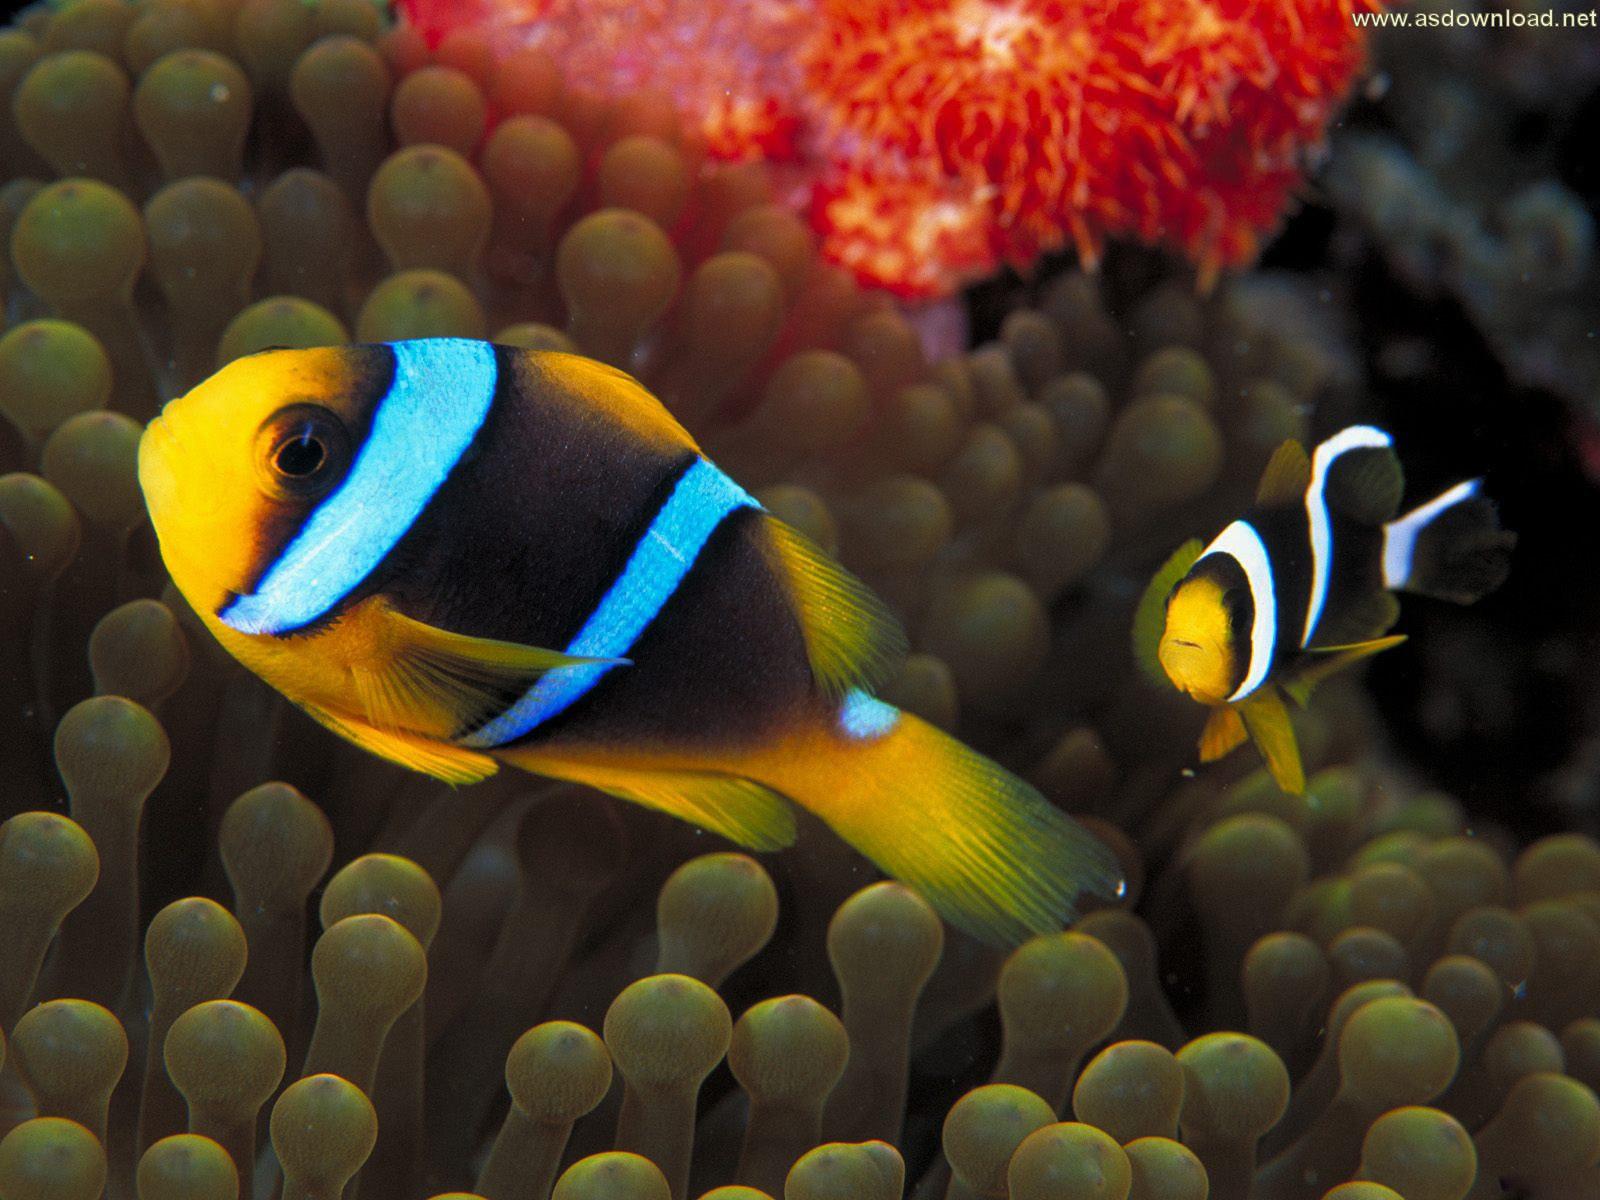 دانلود والپیپر انواع ماهی رنگارنگ و زیبا